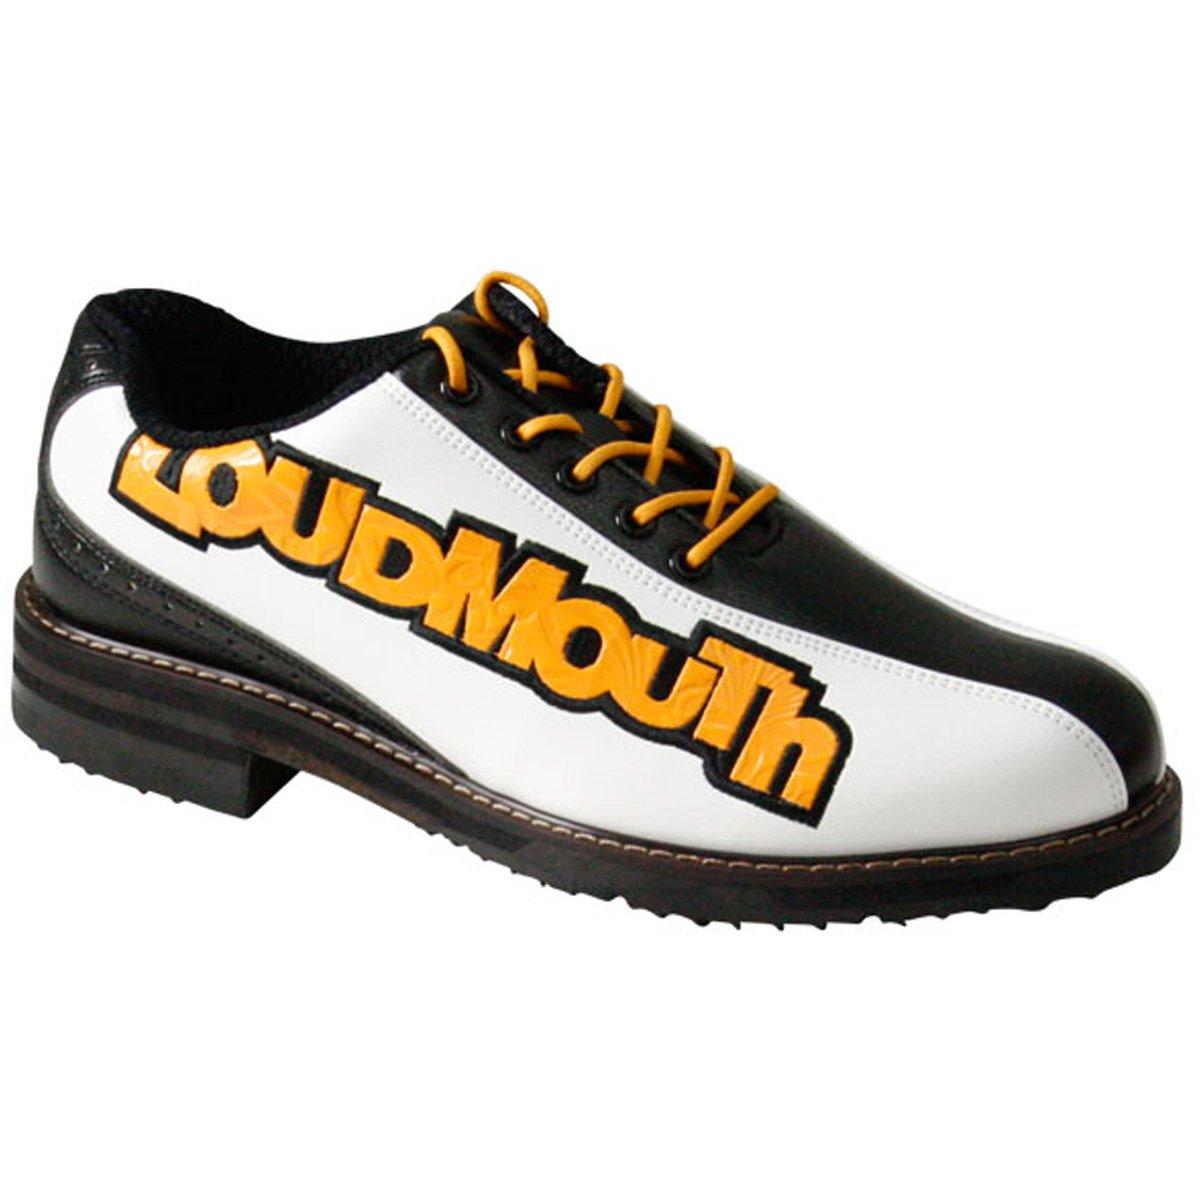 ラウドマウスゴルフ Loud Mouth Golf シューズ ゴルフシューズ B077GNNR8C 27.0 cm ブラック/ホワイト